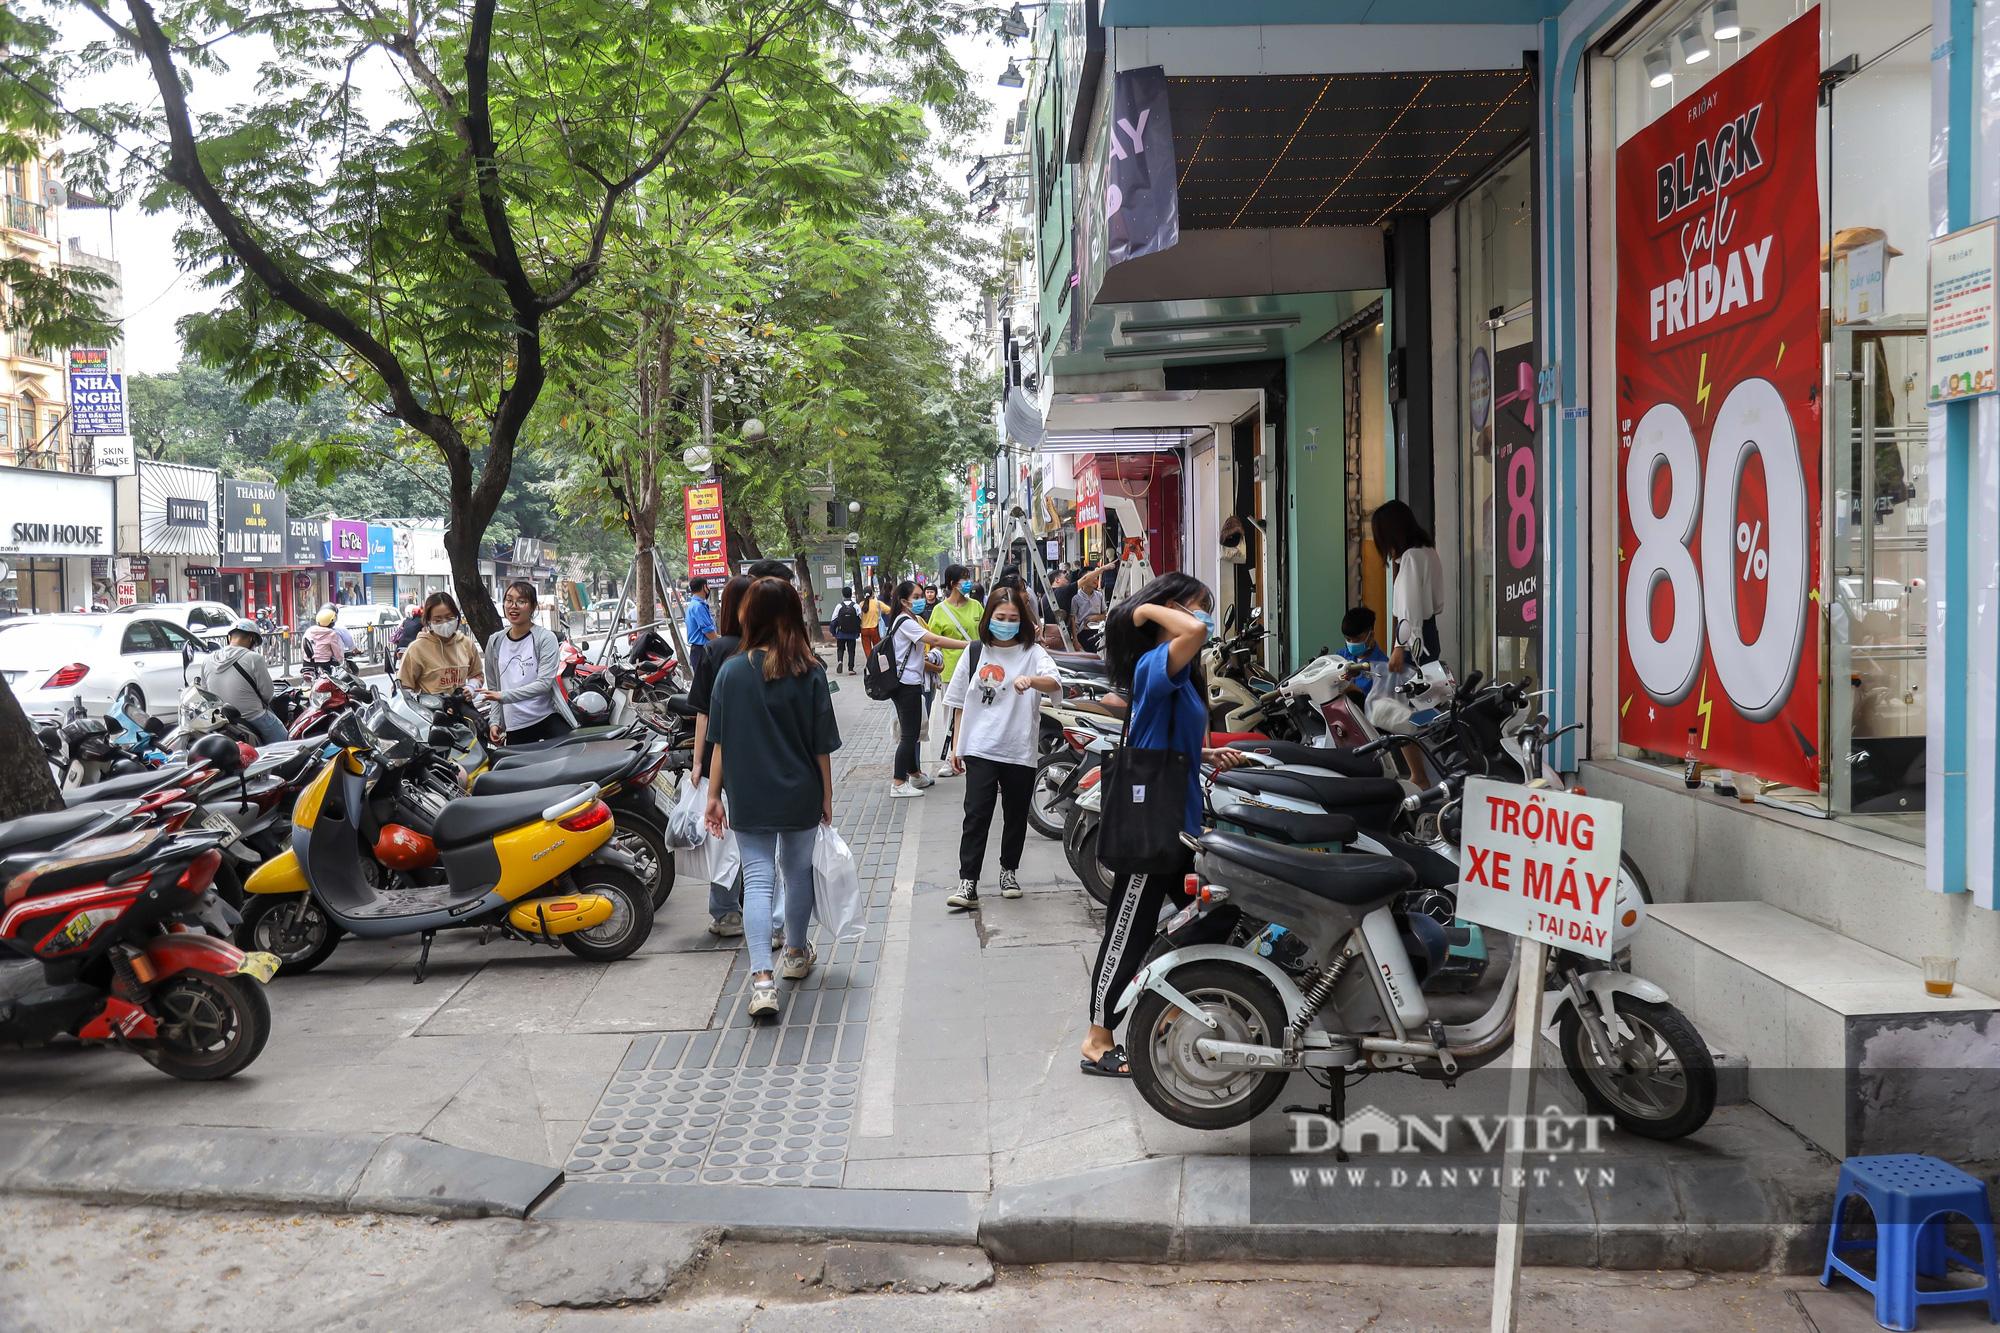 Phố thời trang Hà Nội rợp biển giảm giá 80% dù chưa đến Black Friday - Ảnh 1.